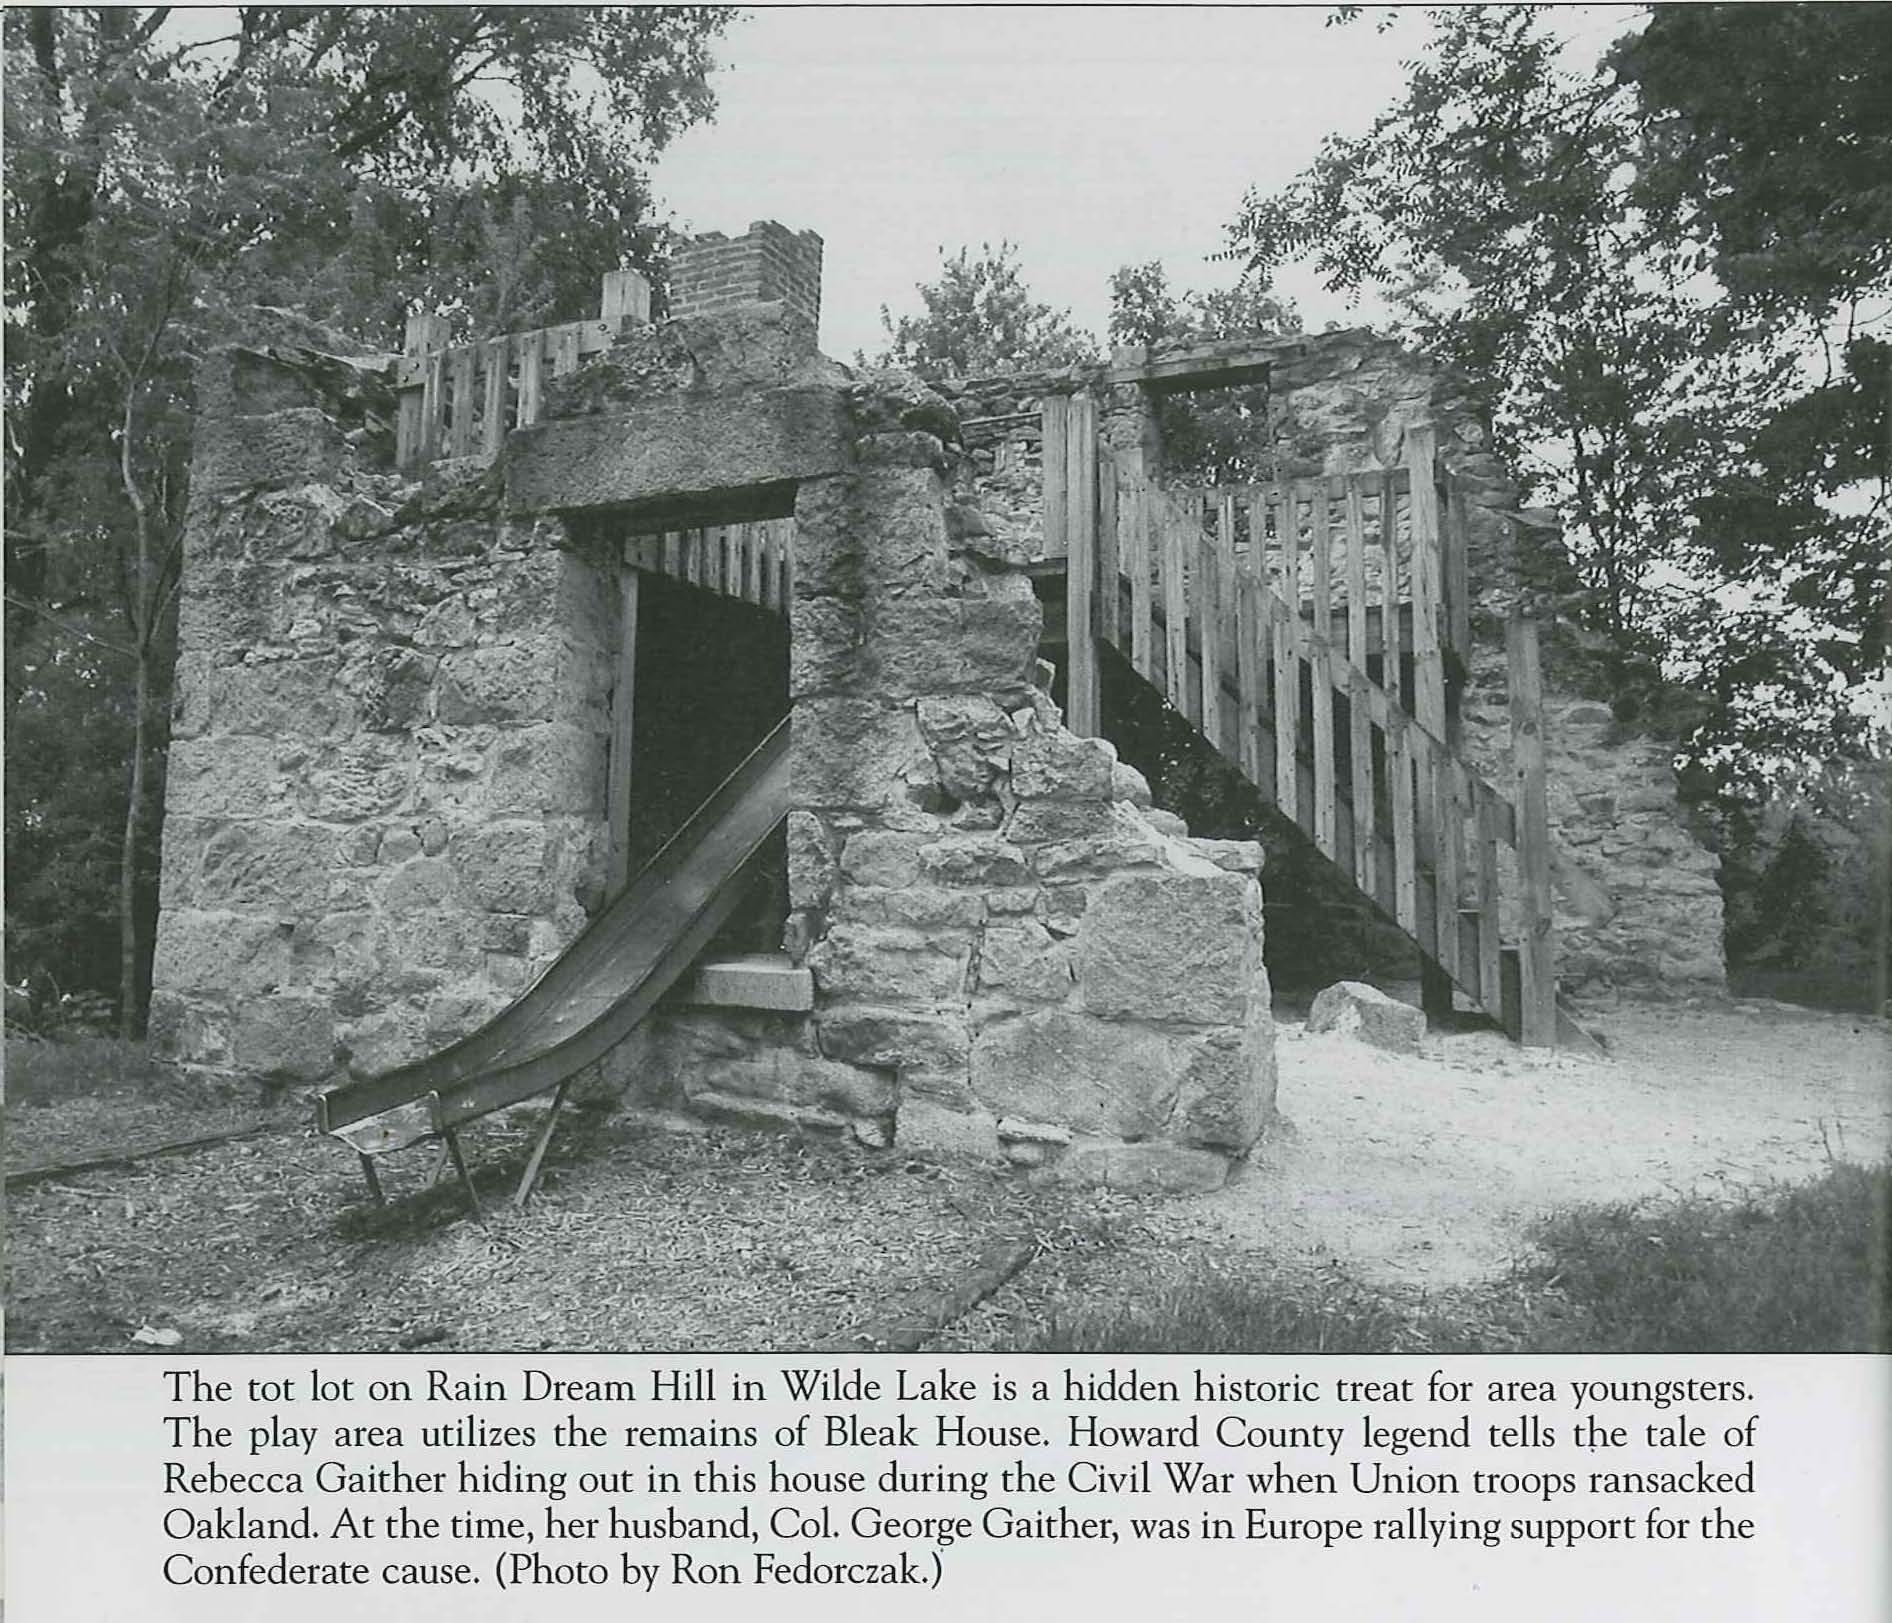 Bleak House aka The Ruins, Tot  Lot on Rain Dream Hill in Wilde Lake